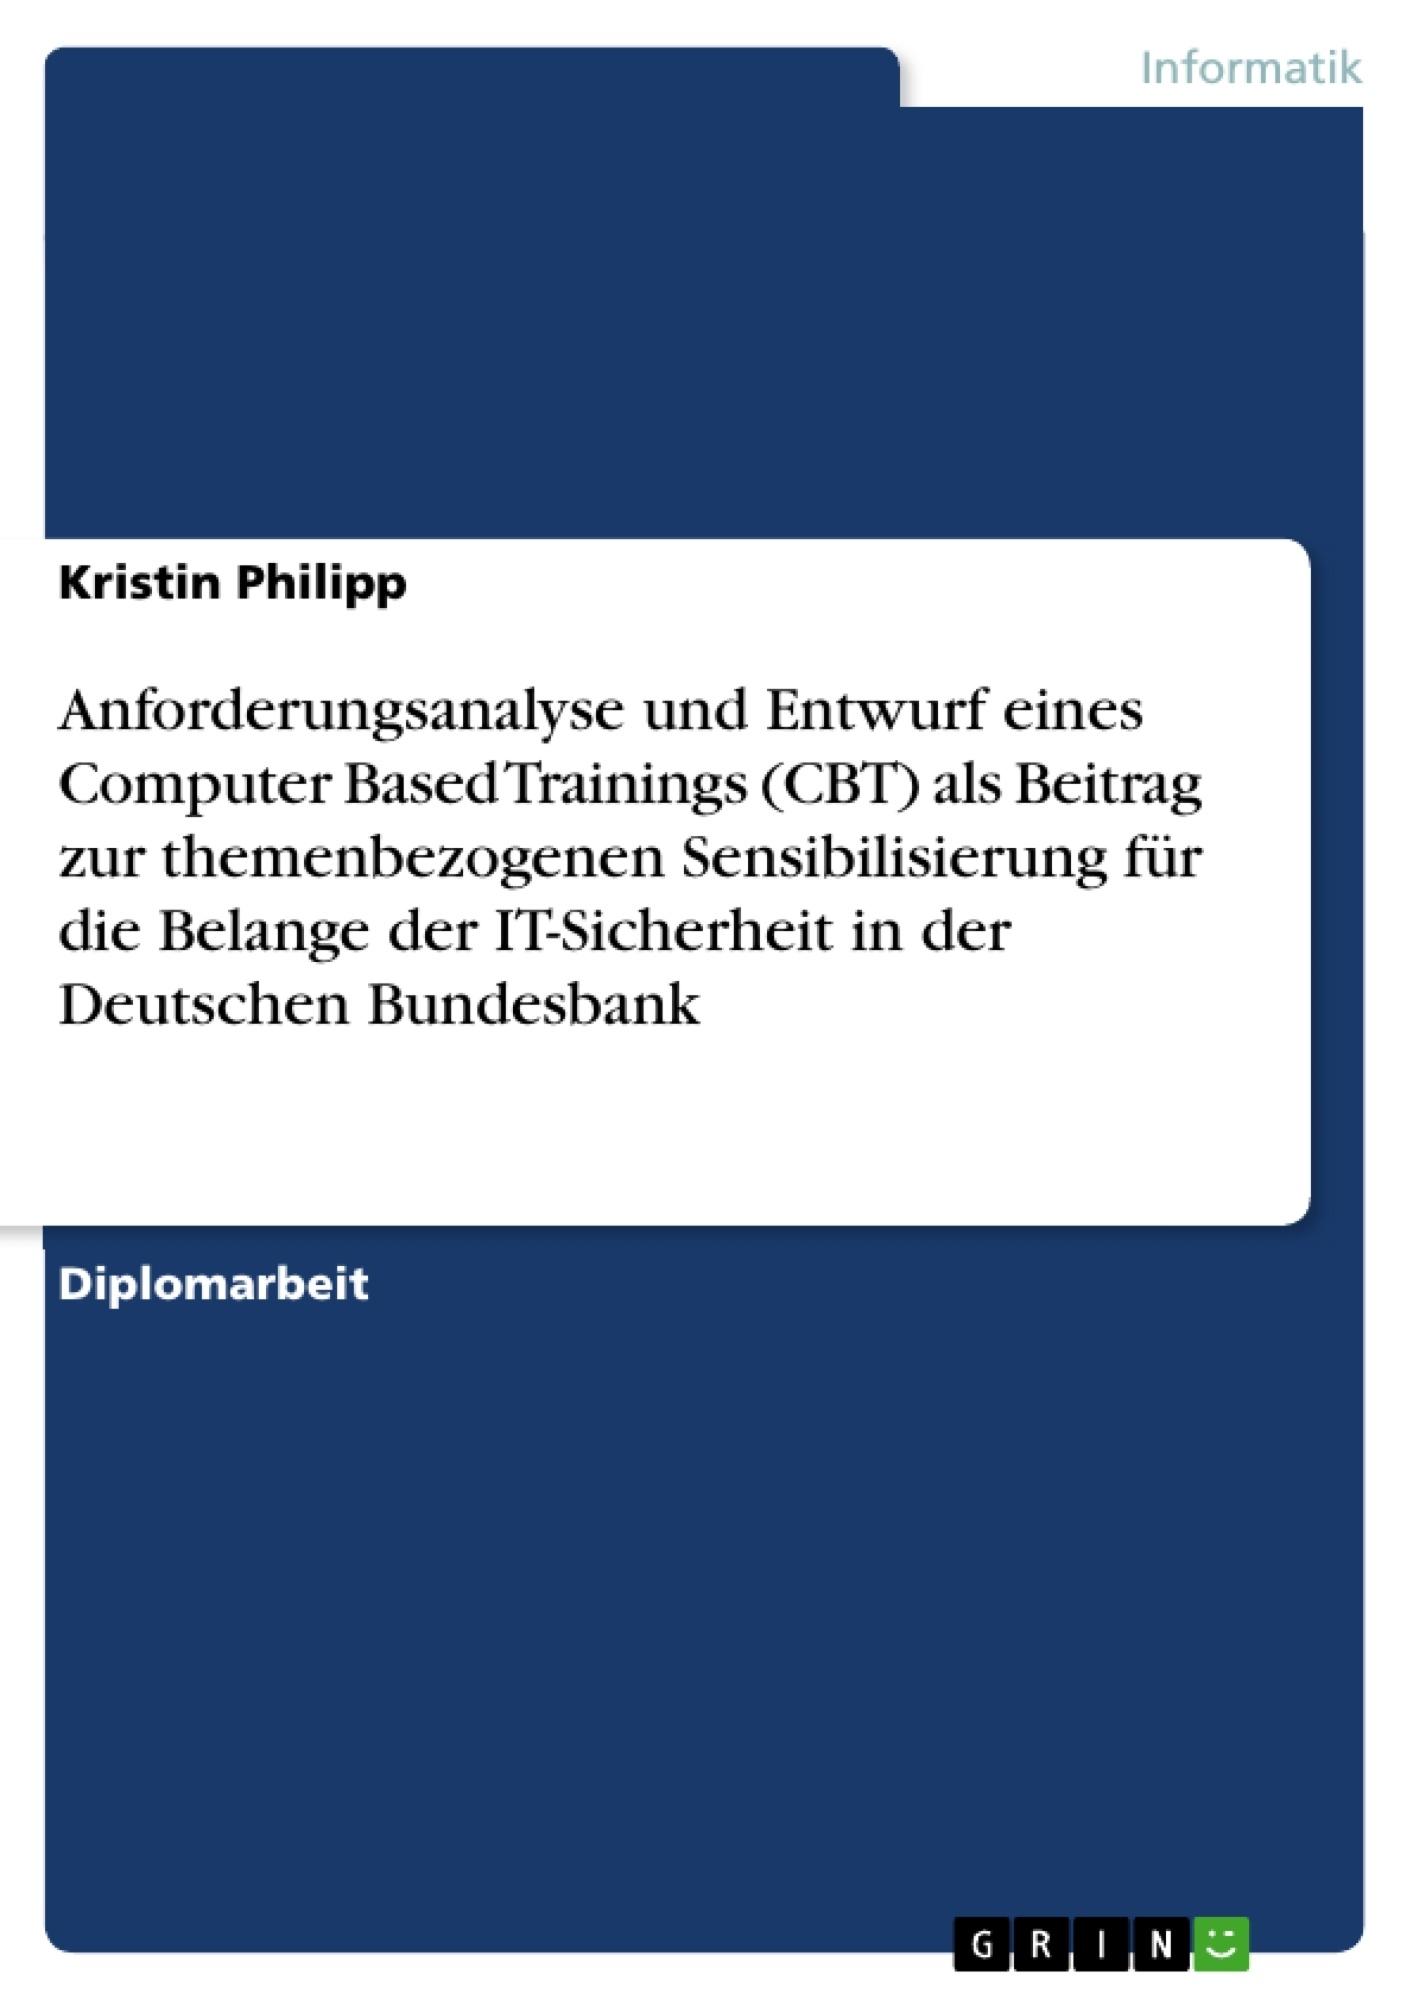 Titel: Anforderungsanalyse und Entwurf eines Computer Based Trainings (CBT) als Beitrag zur themenbezogenen Sensibilisierung für die Belange der IT-Sicherheit in der Deutschen Bundesbank